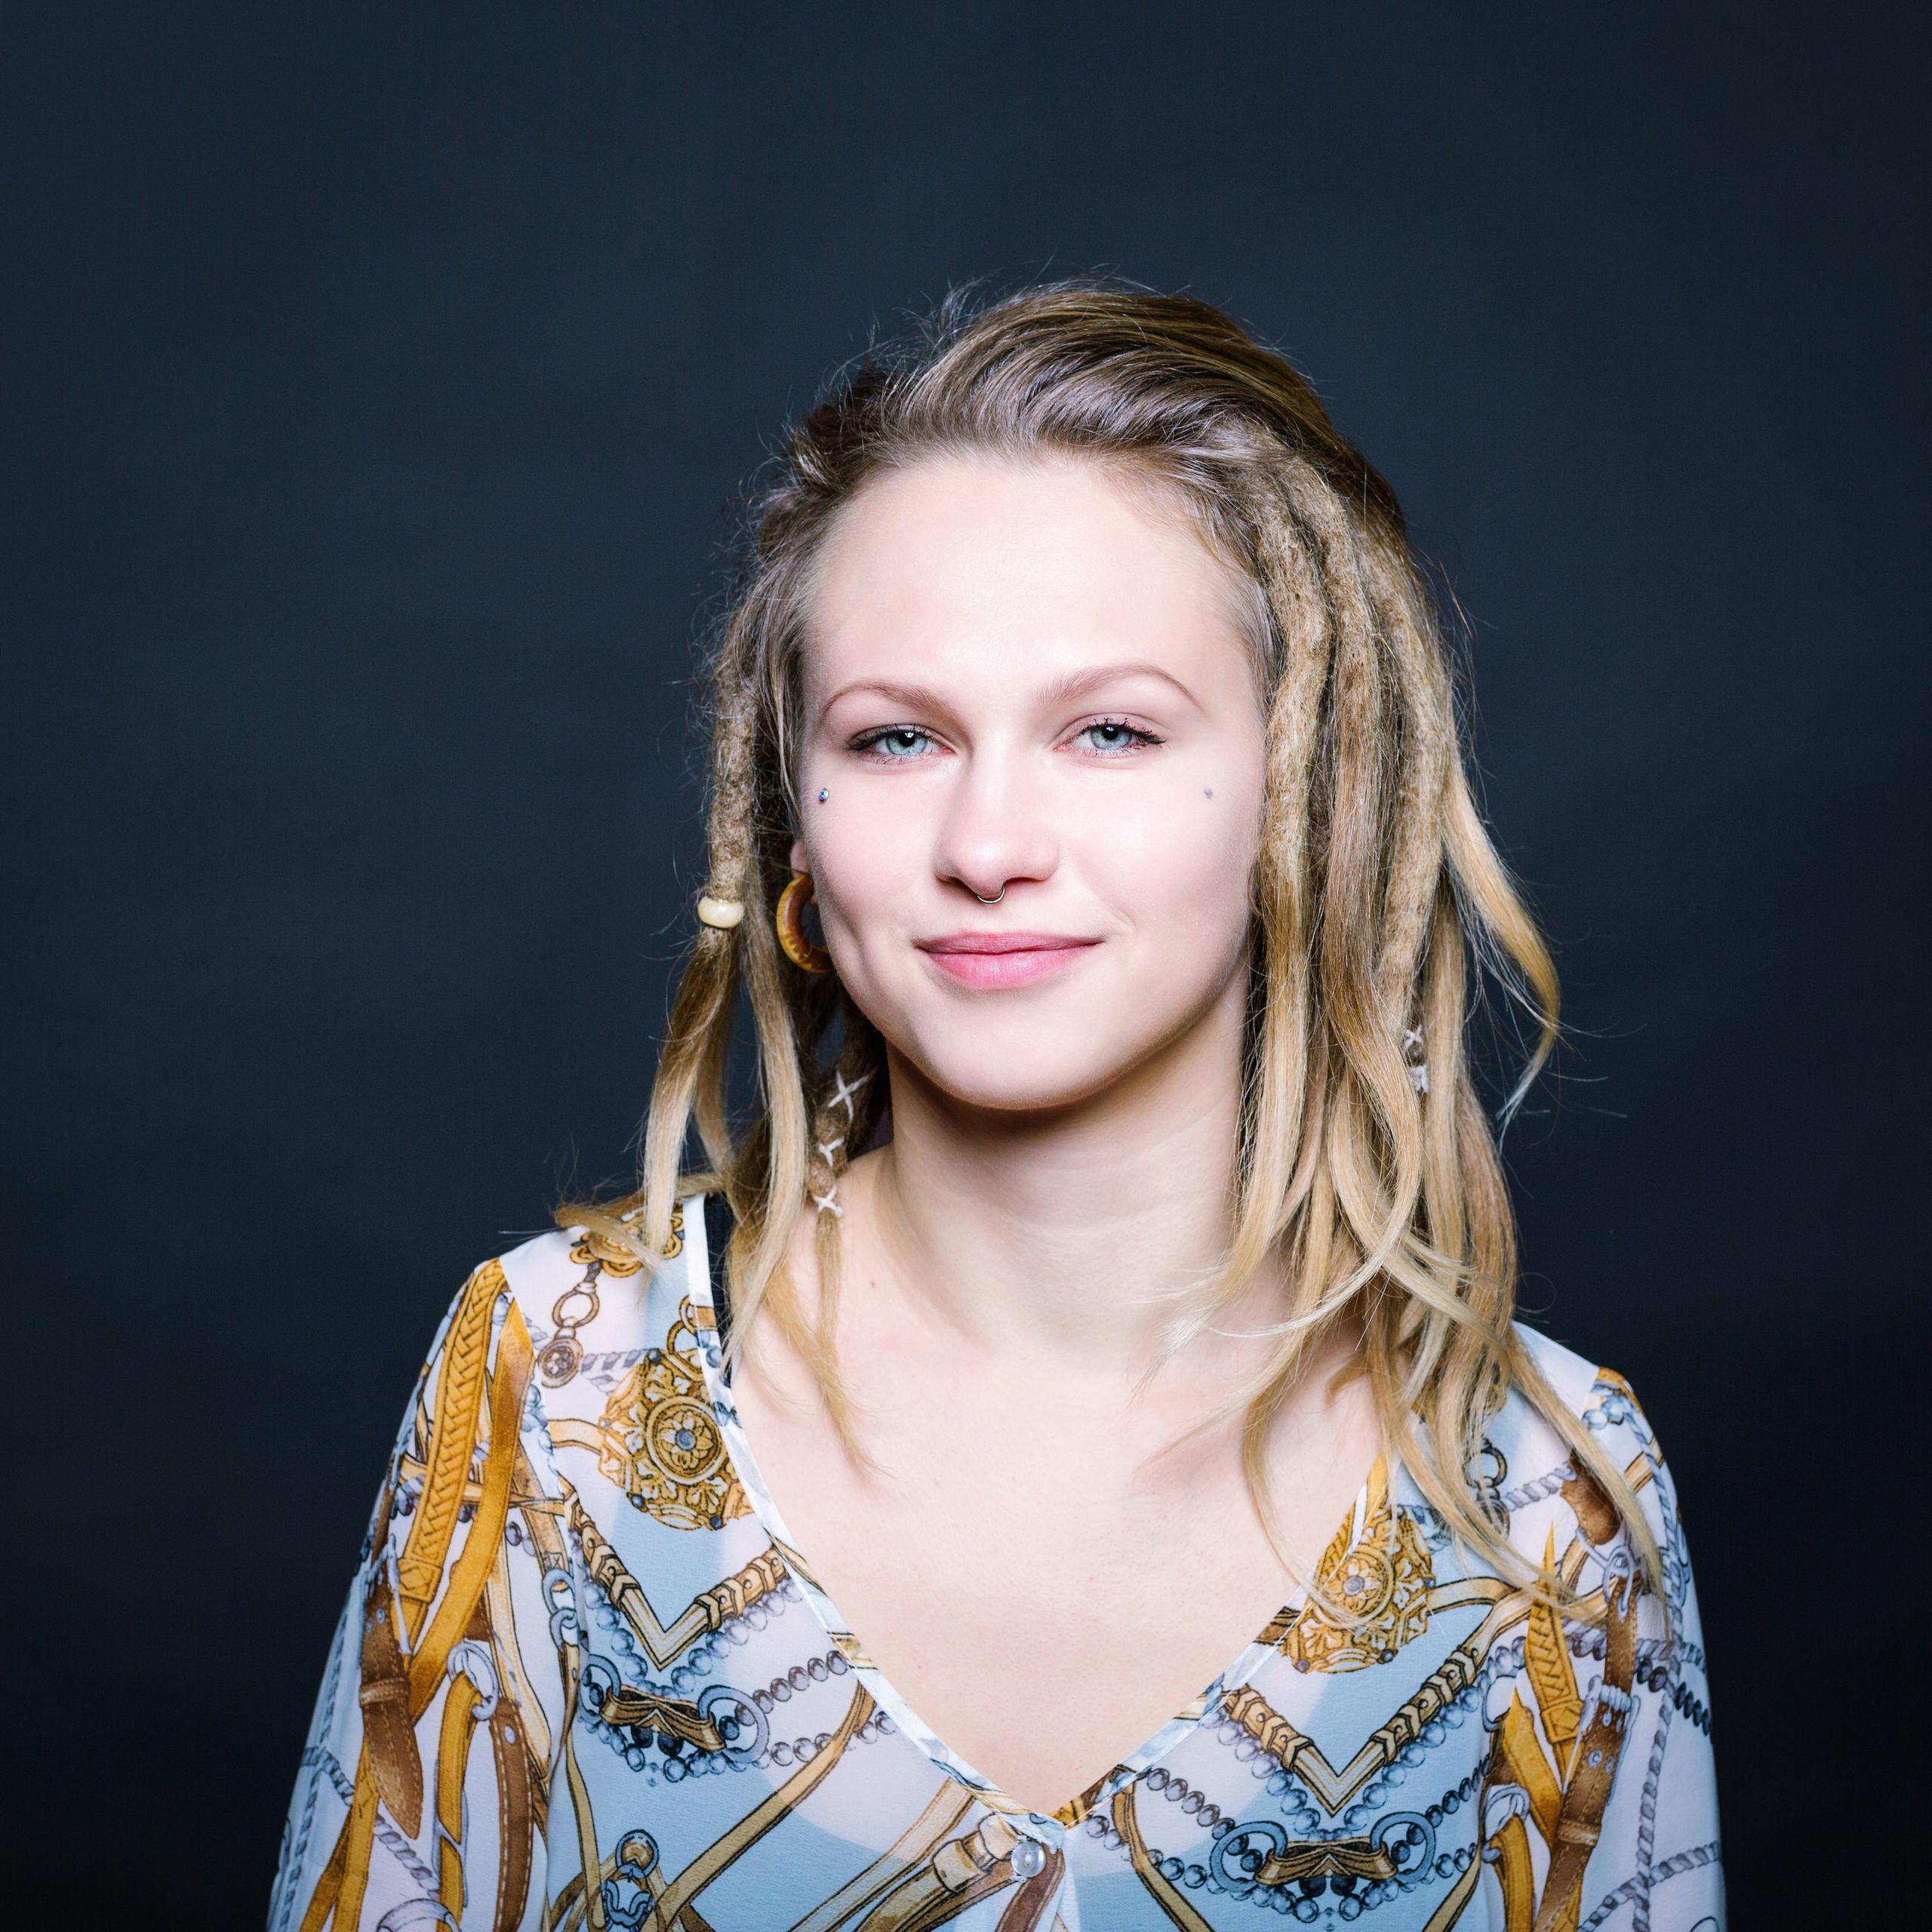 Alissija-Elisabet Jevtjukova